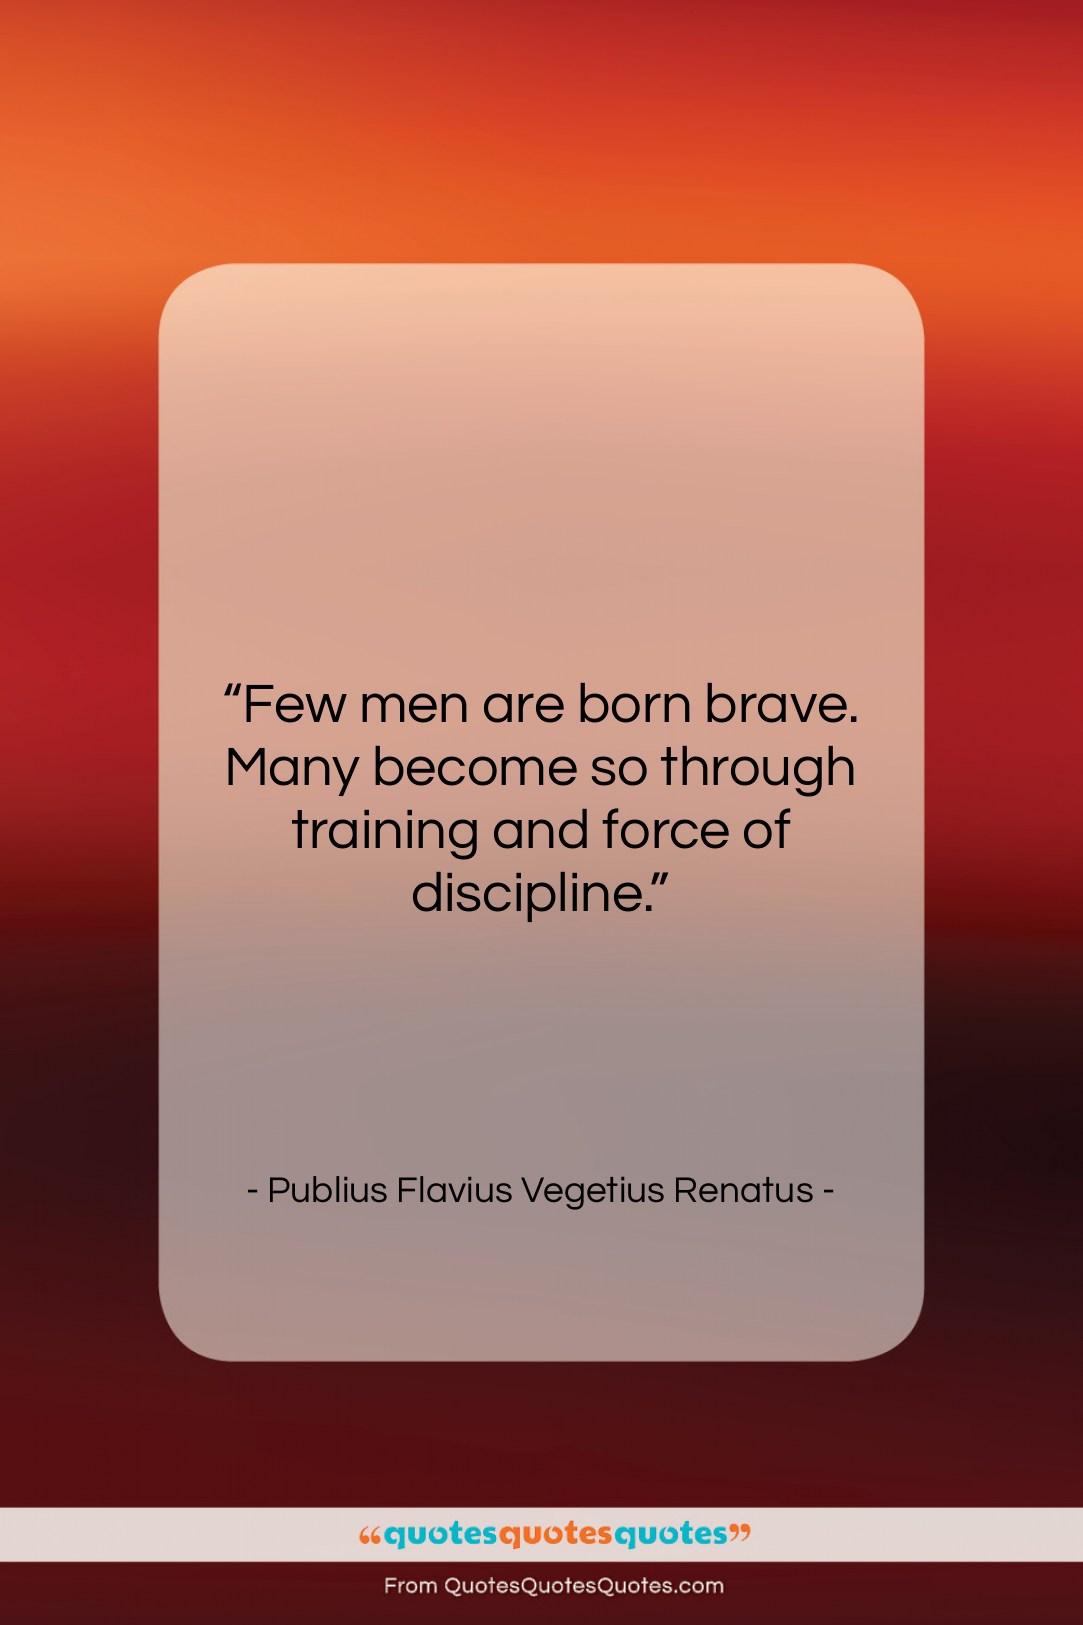 """Publius Flavius Vegetius Renatus quote: """"Few men are born brave. Many become…""""- at QuotesQuotesQuotes.com"""